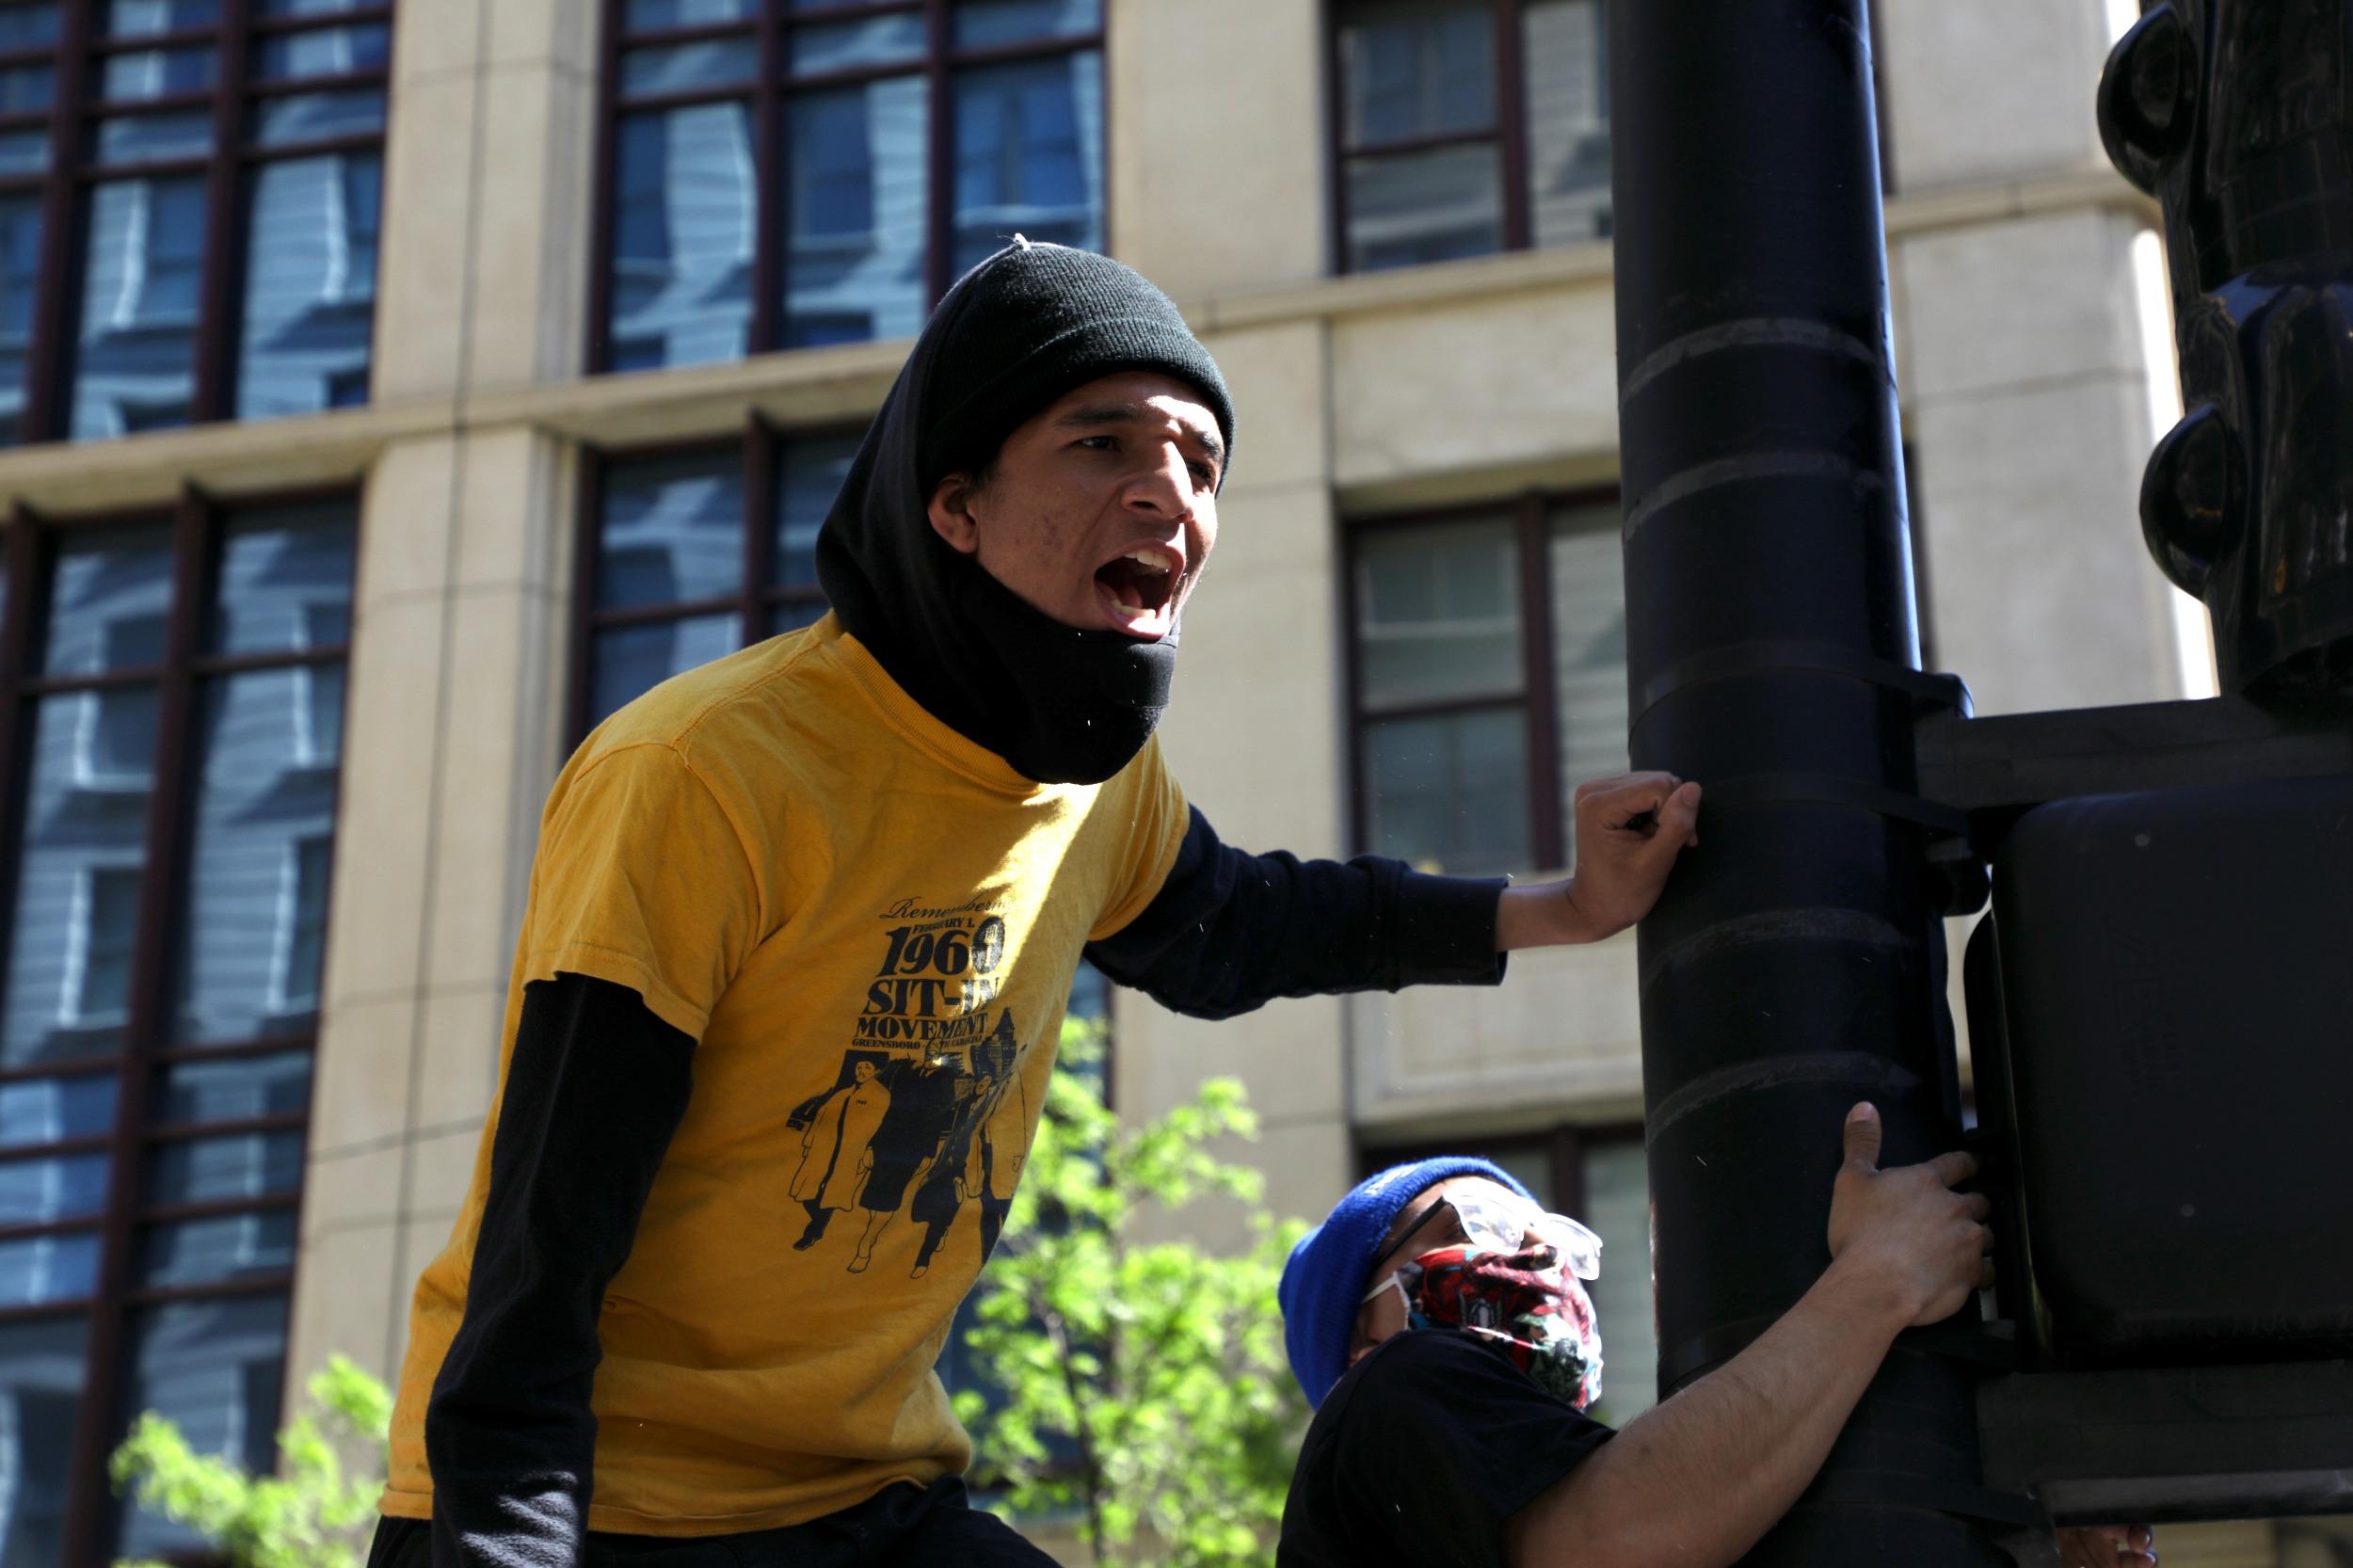 Man yelling Floyd protest